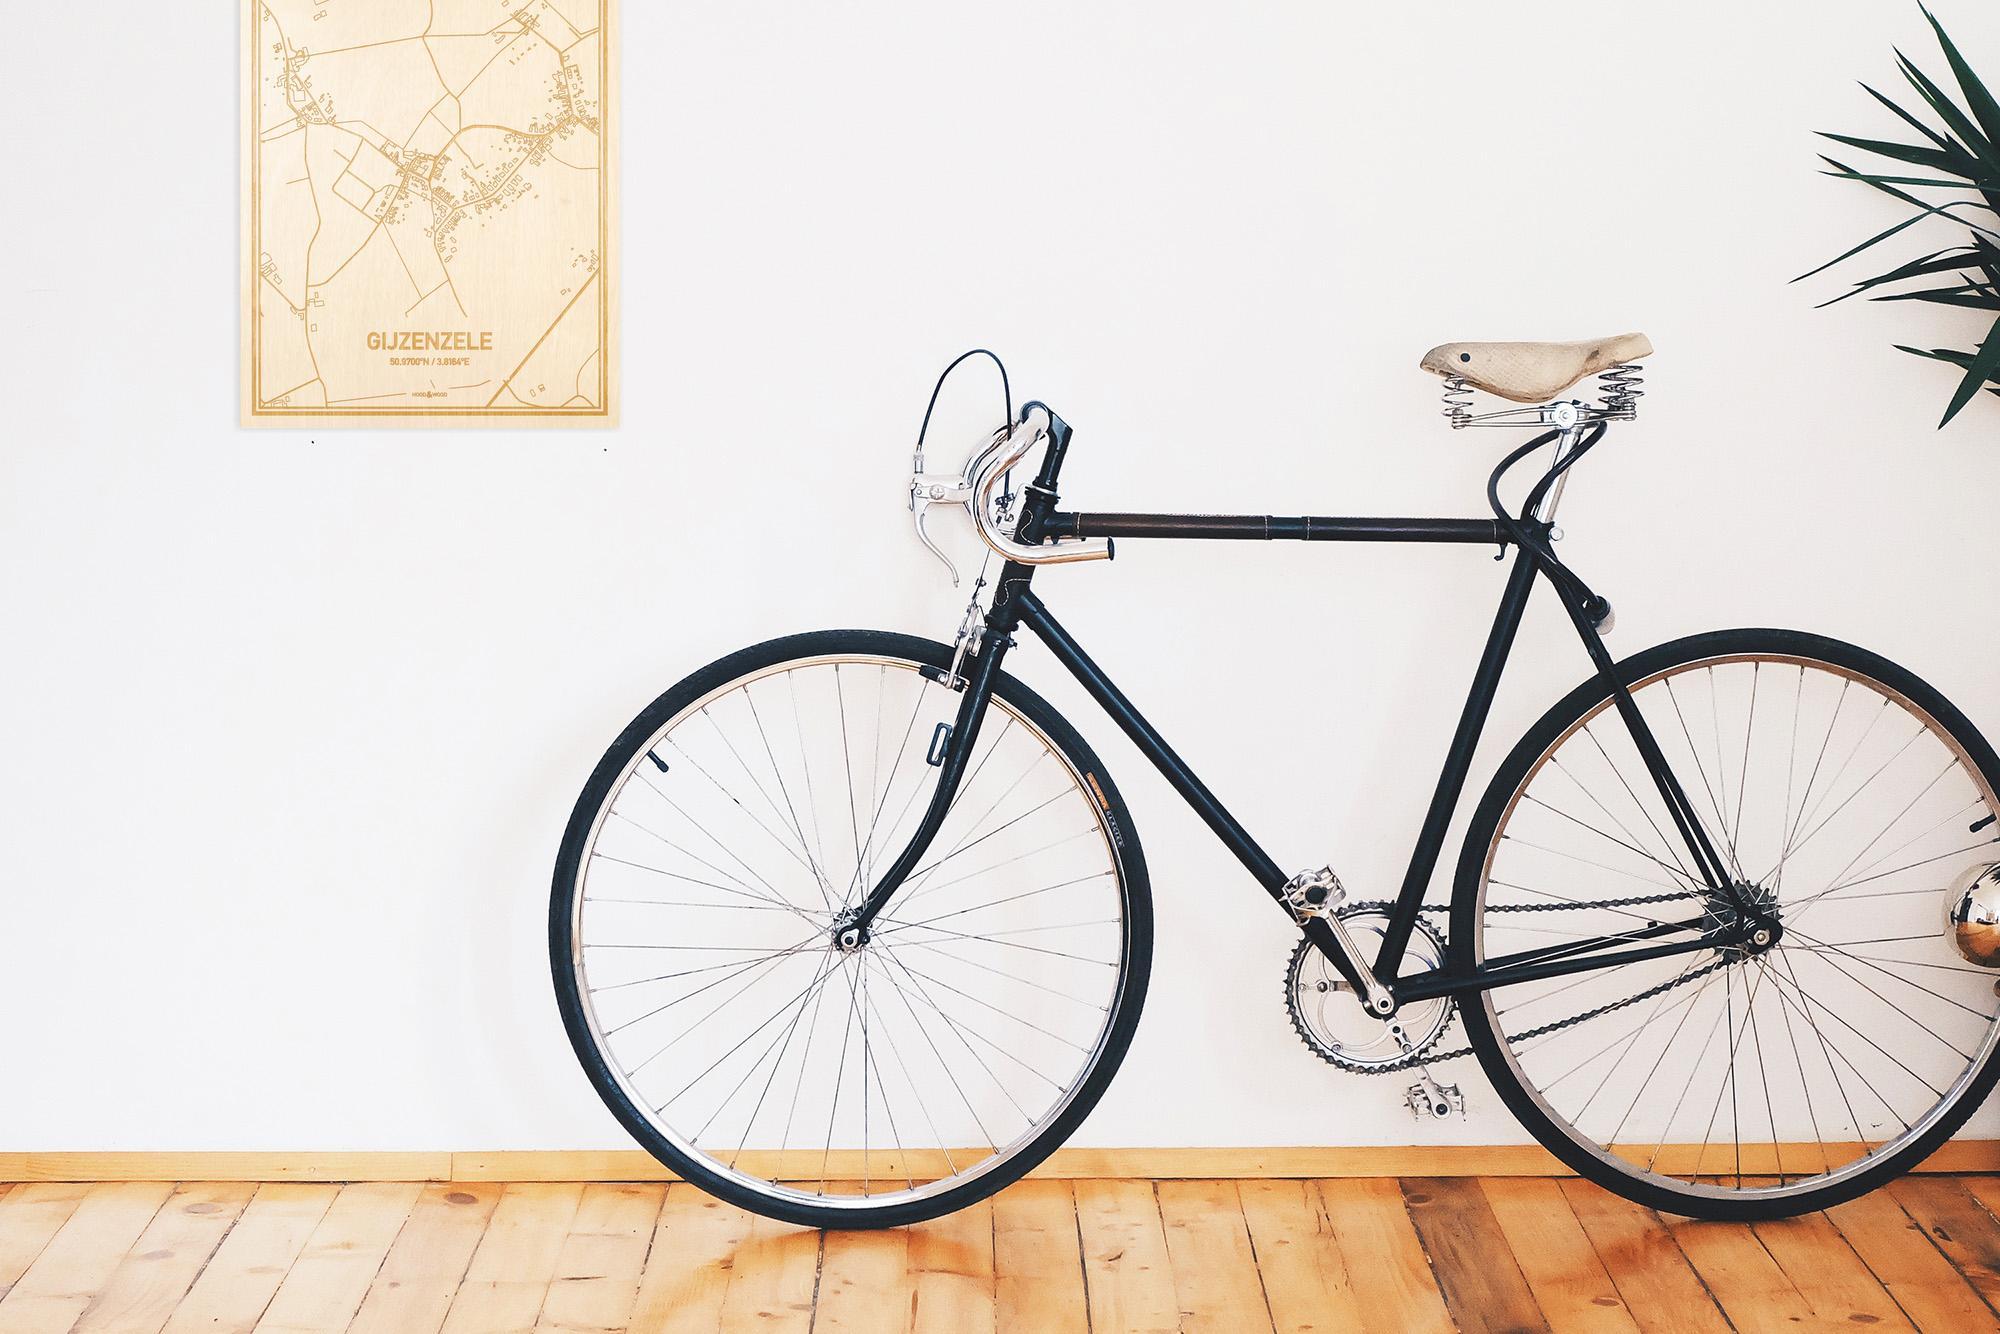 Een snelle fiets in een uniek interieur in Oost-Vlaanderen  met mooie decoratie zoals de plattegrond Gijzenzele.